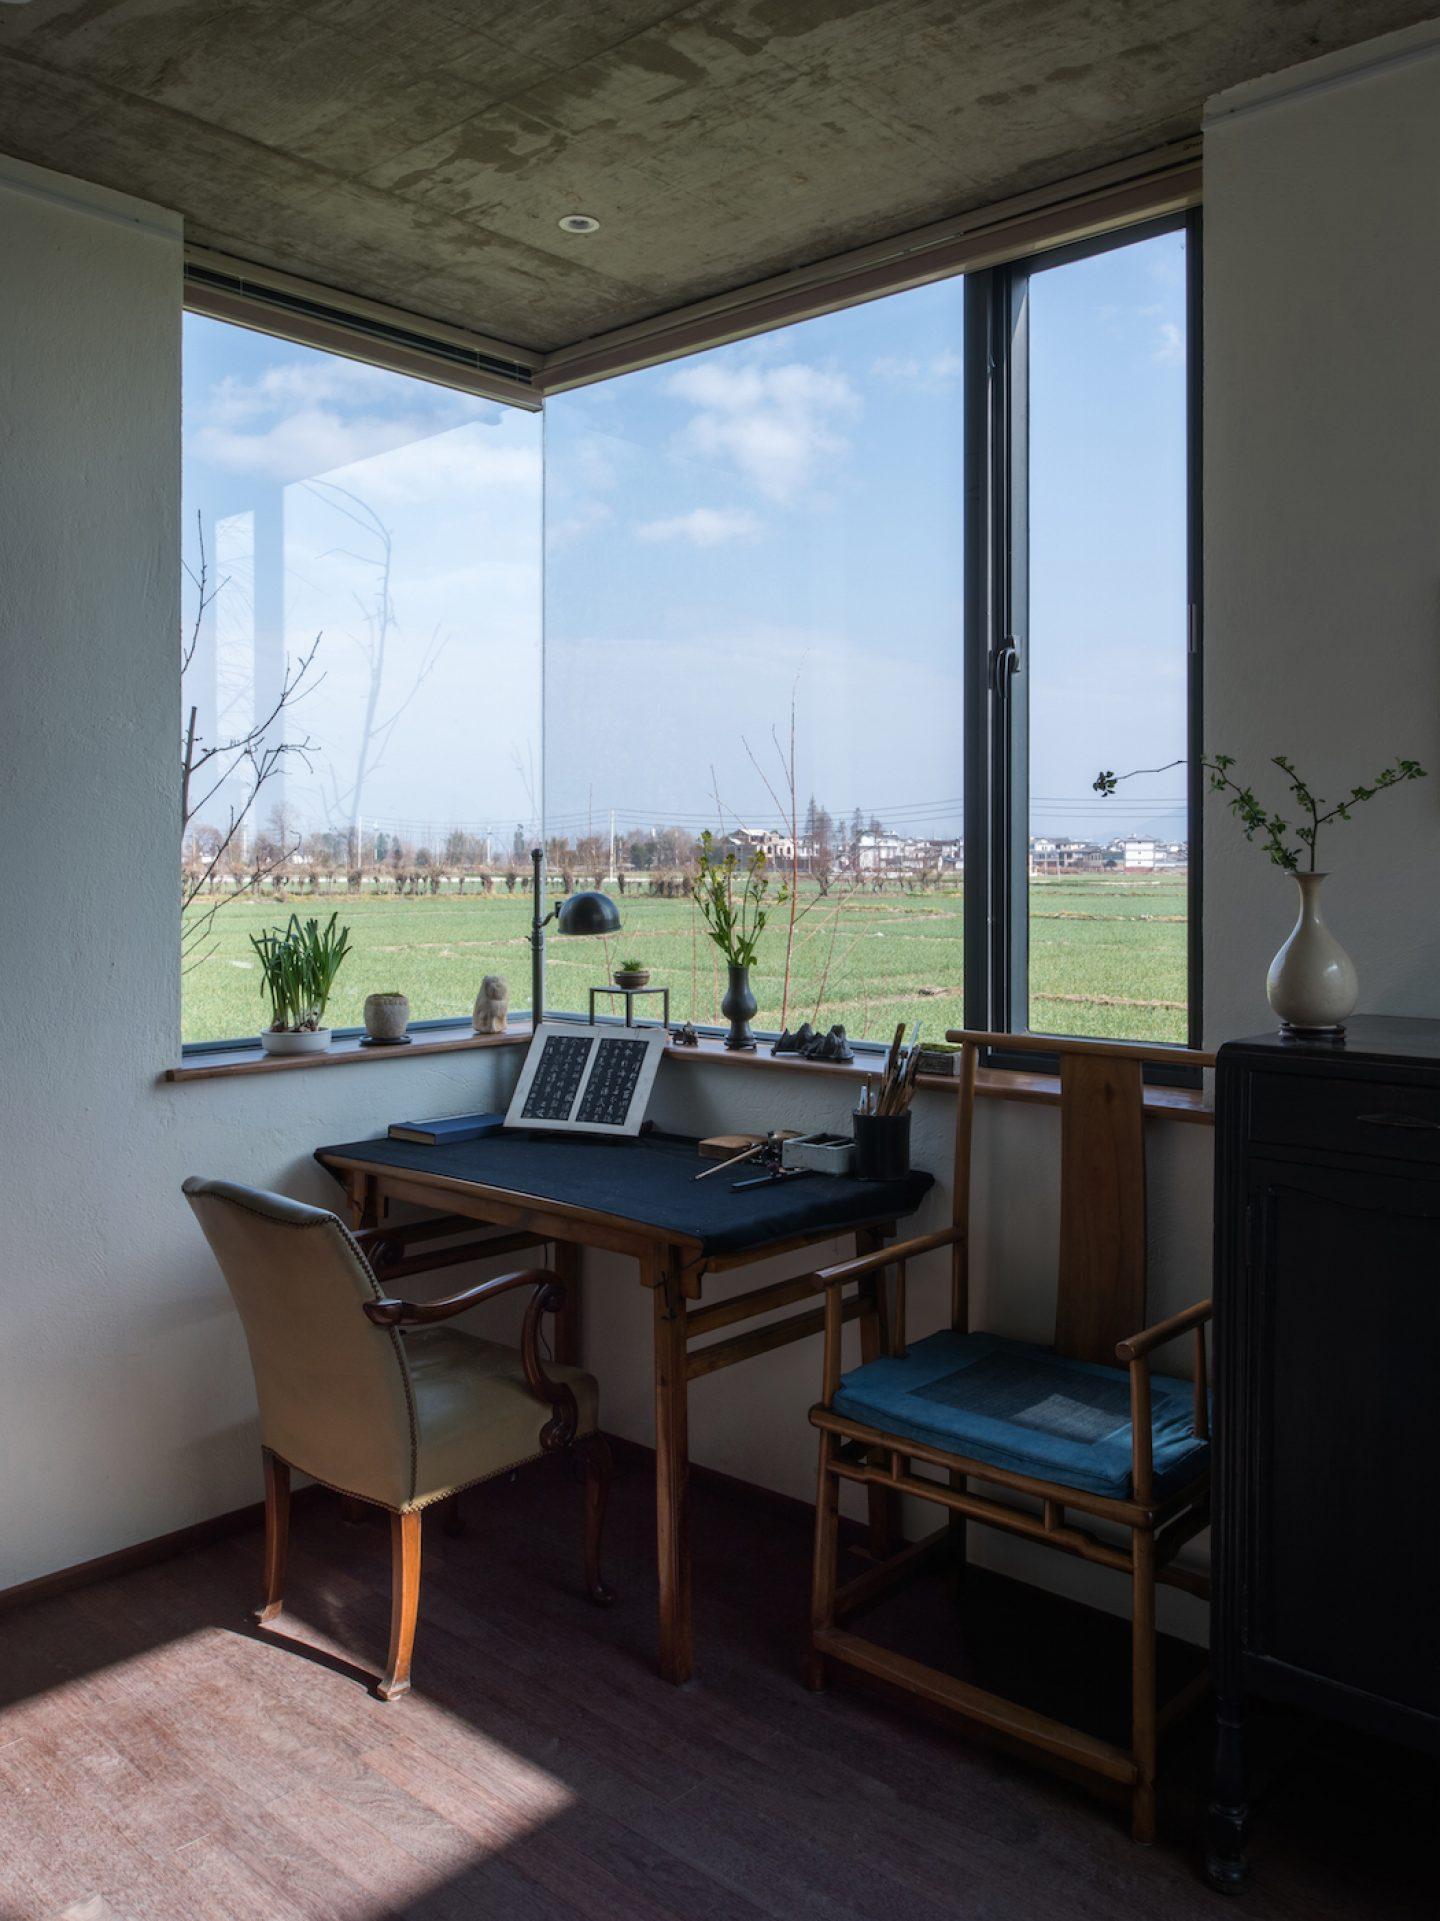 Zhaoyangarchitects_Architecture_020_artist's study